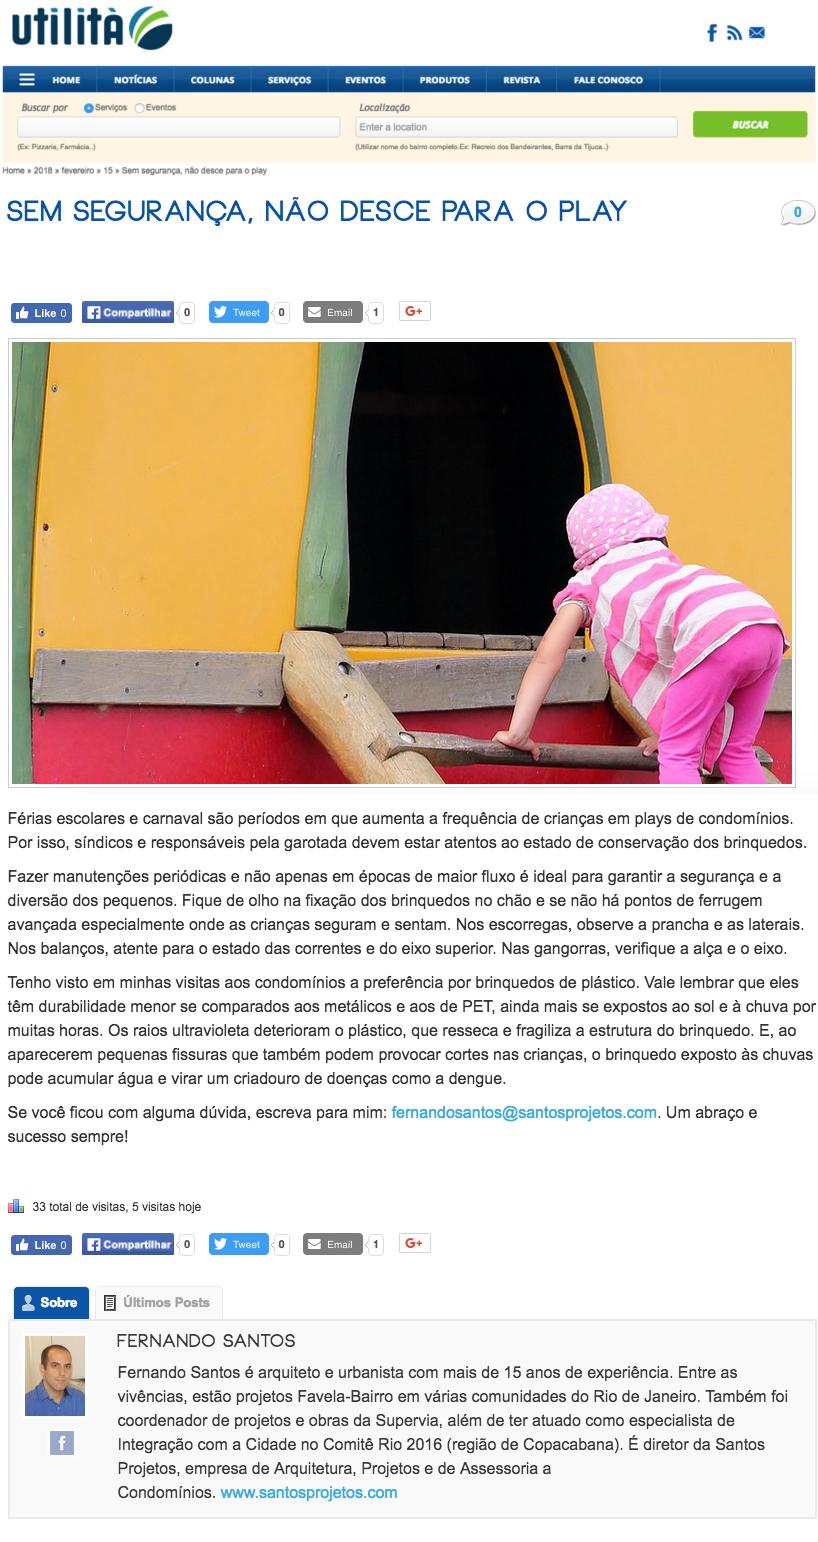 Coluna Portal Utilità: Sem segurança, não desce para o play